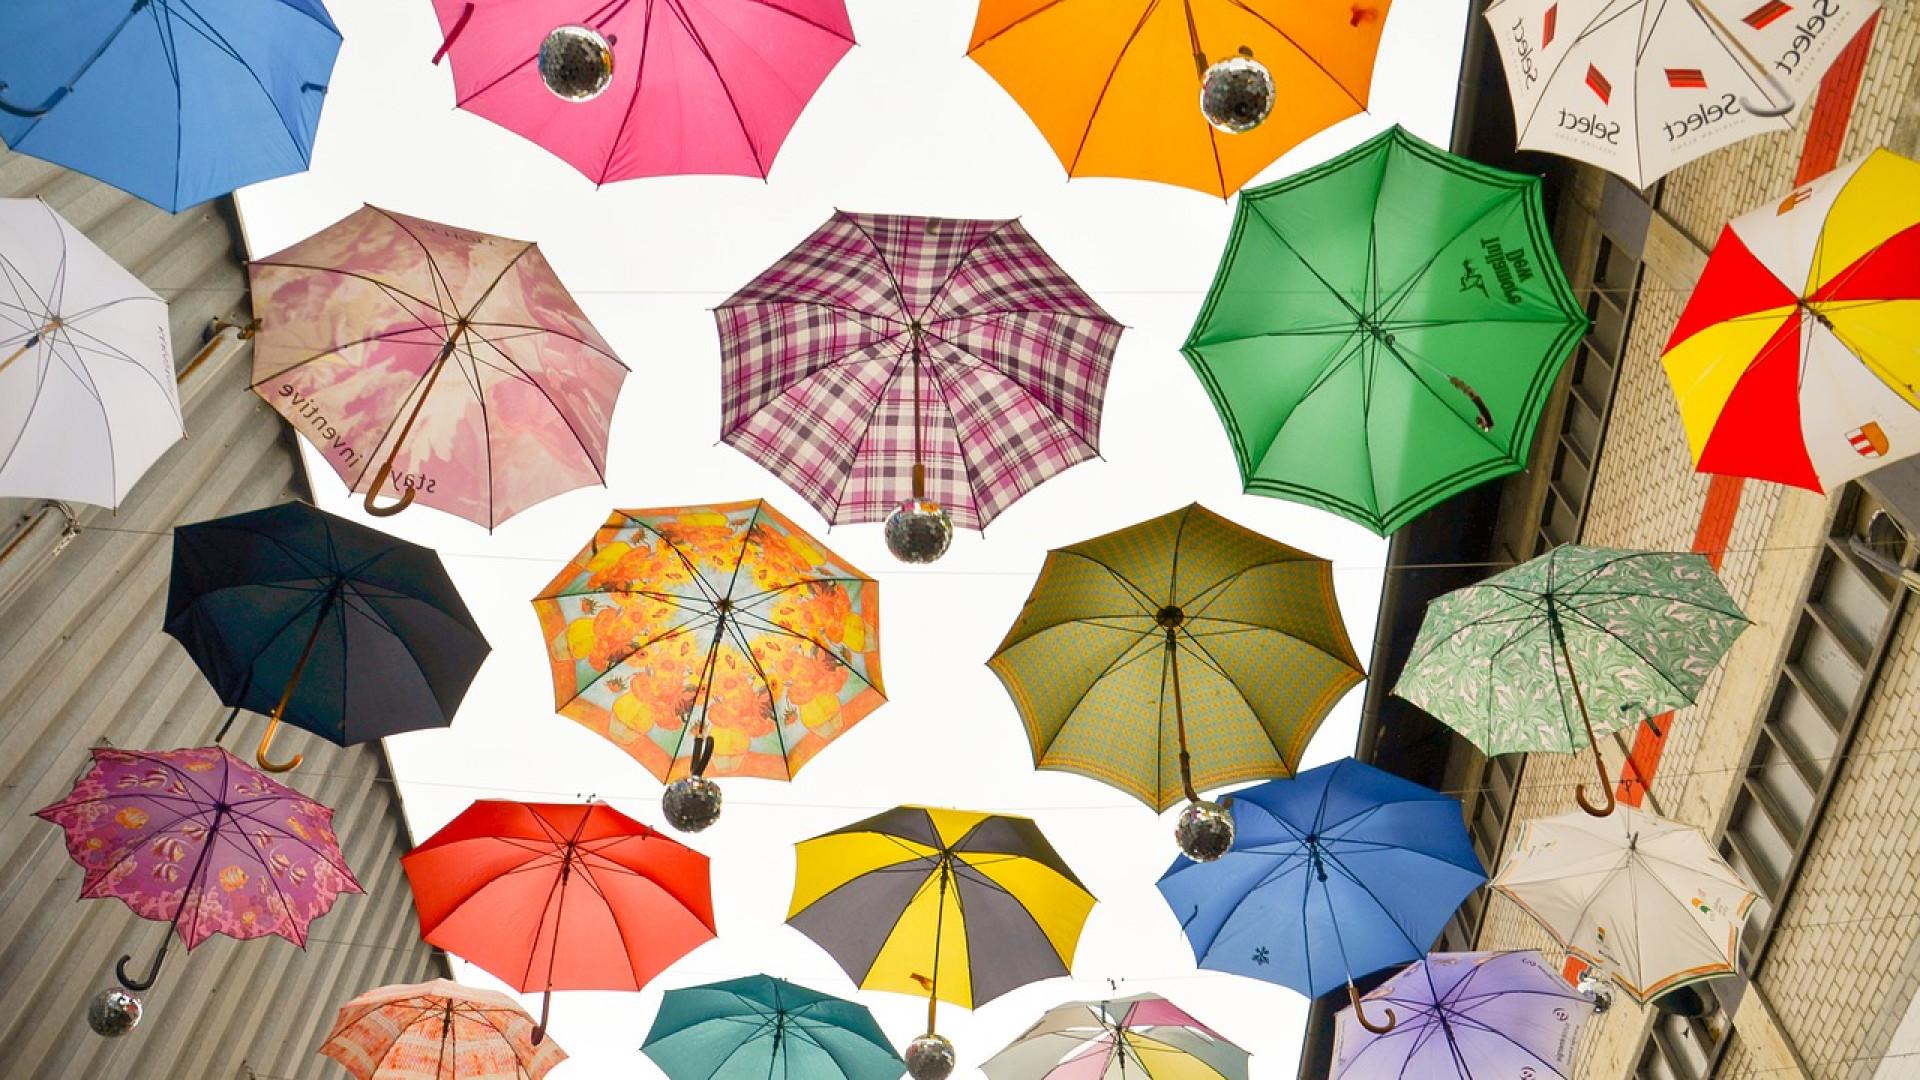 Pourquoi le parapluie inversé connait-il autant de succès ?